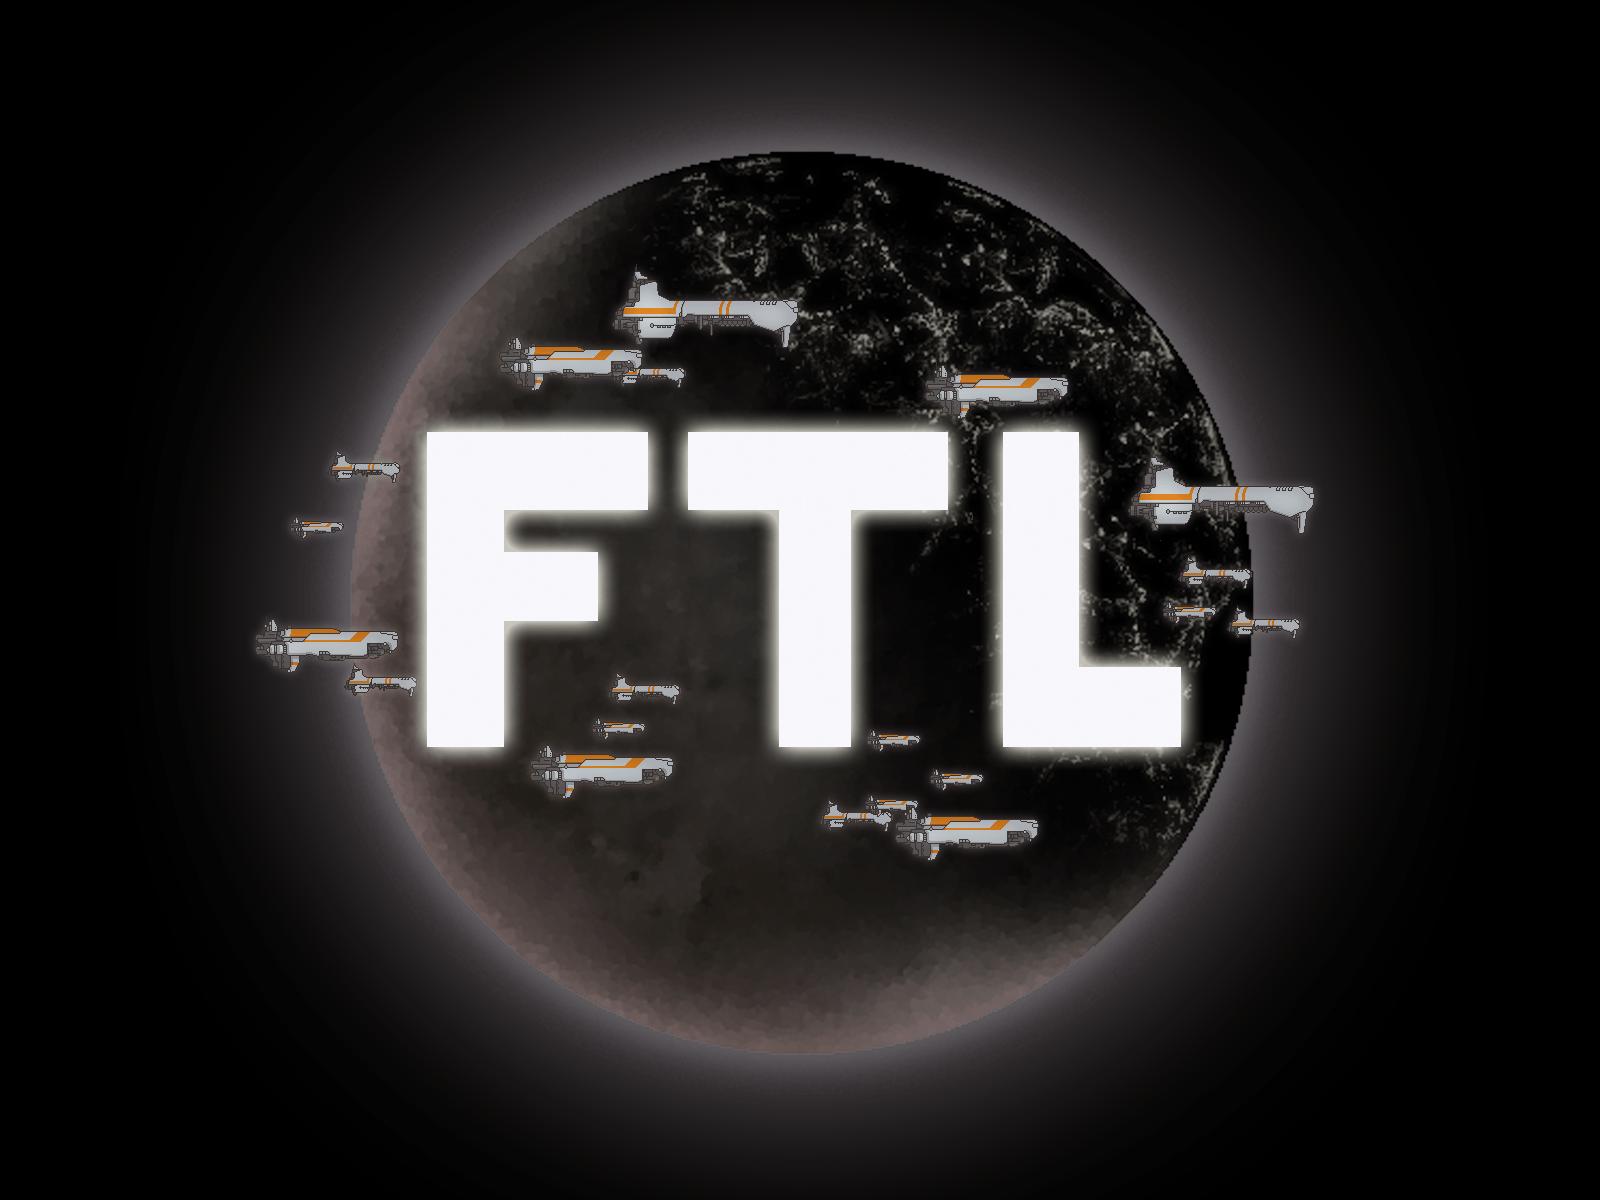 FTL_1600x1200